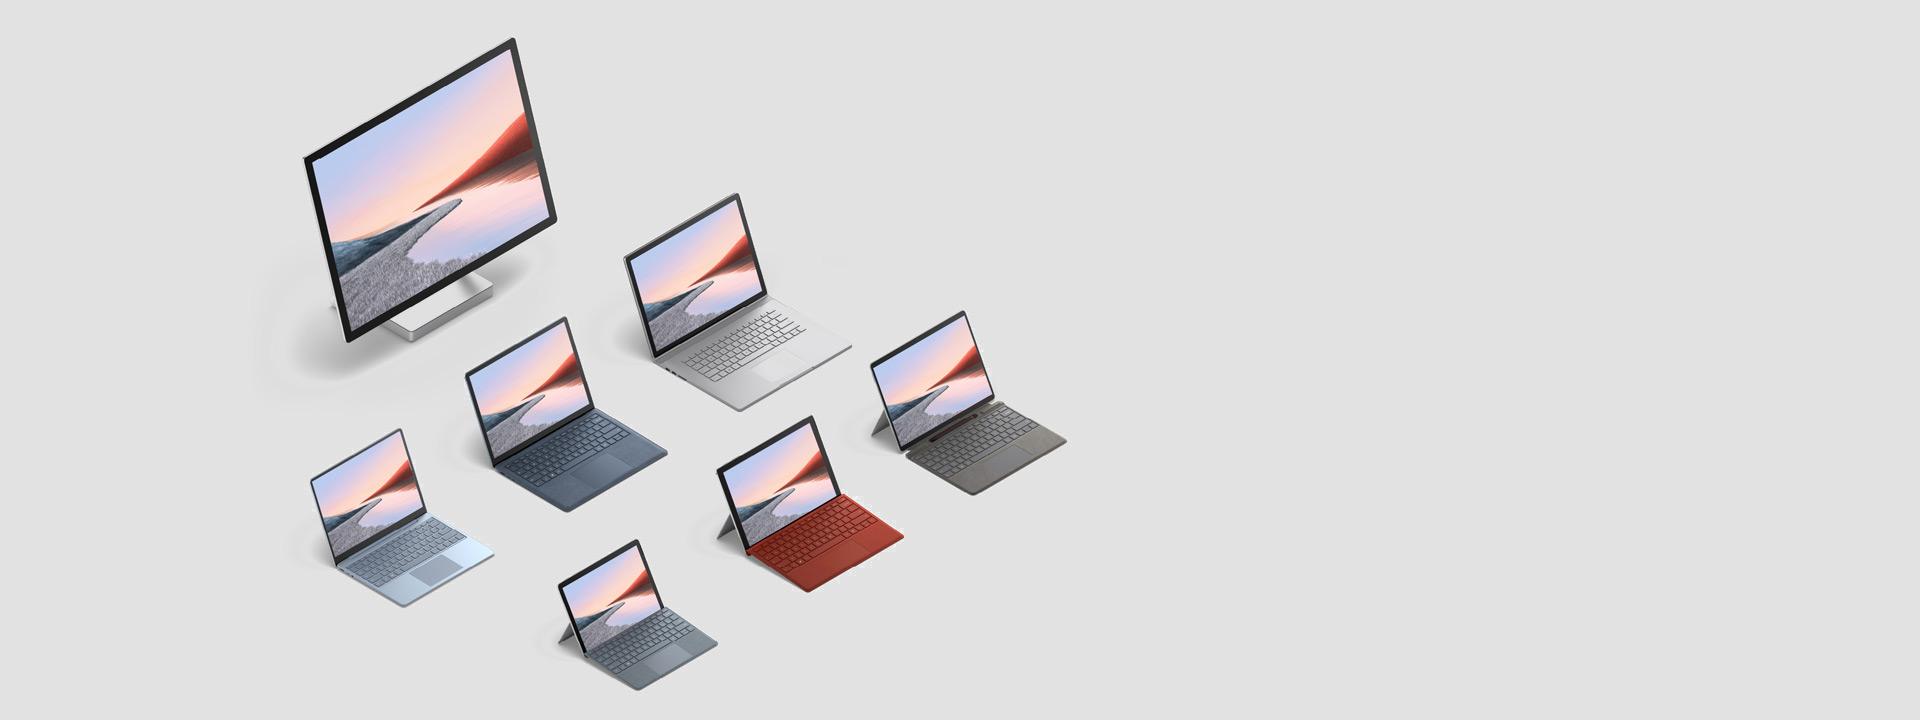 La gamme complète d'appareils Surface est disponible dans une variété de couleurs.